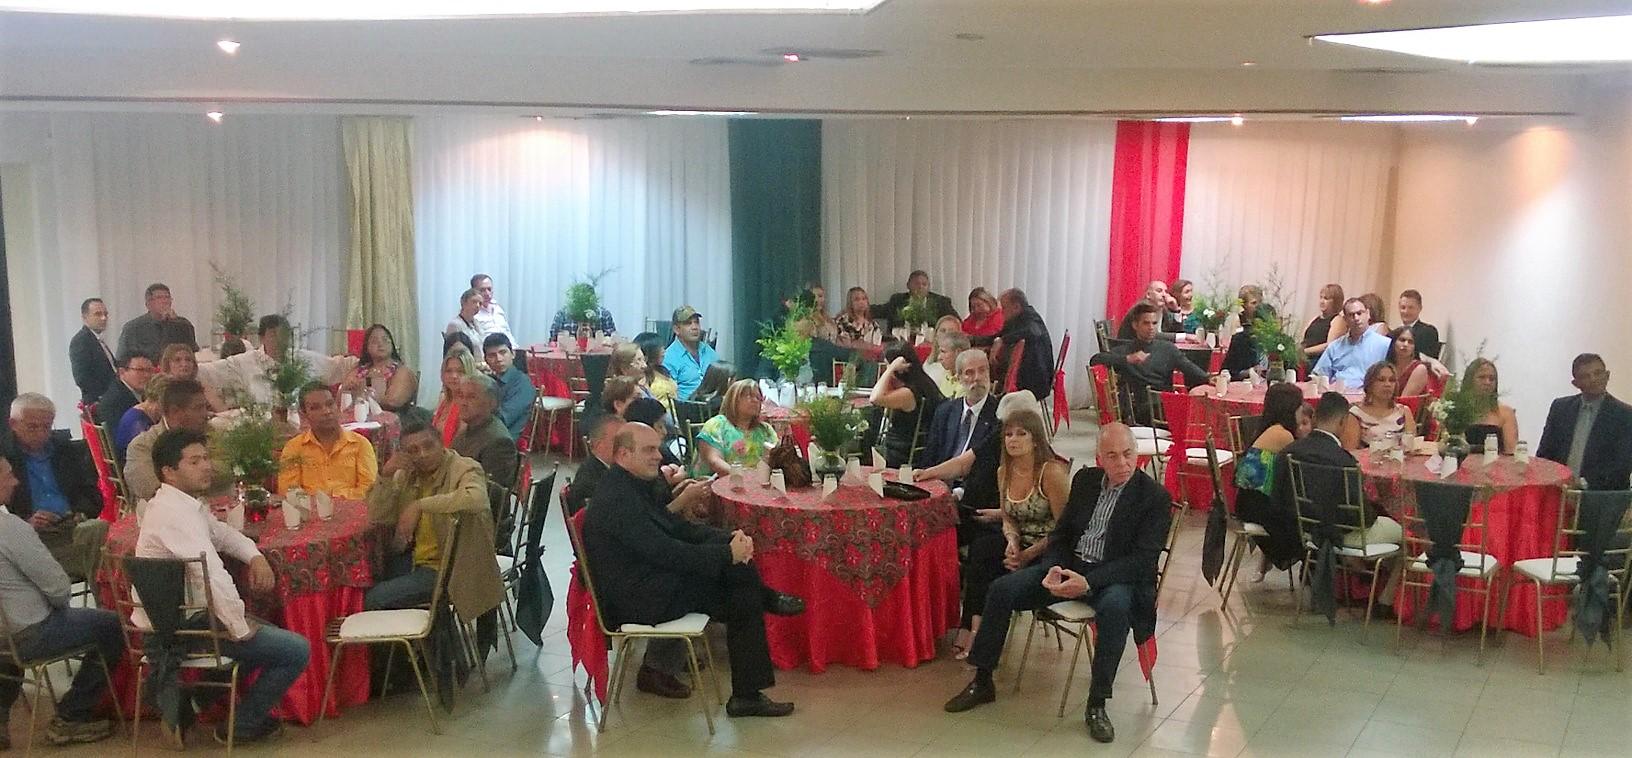 Cámara de Comercio de Valle de la Pascua  realizó cena anual